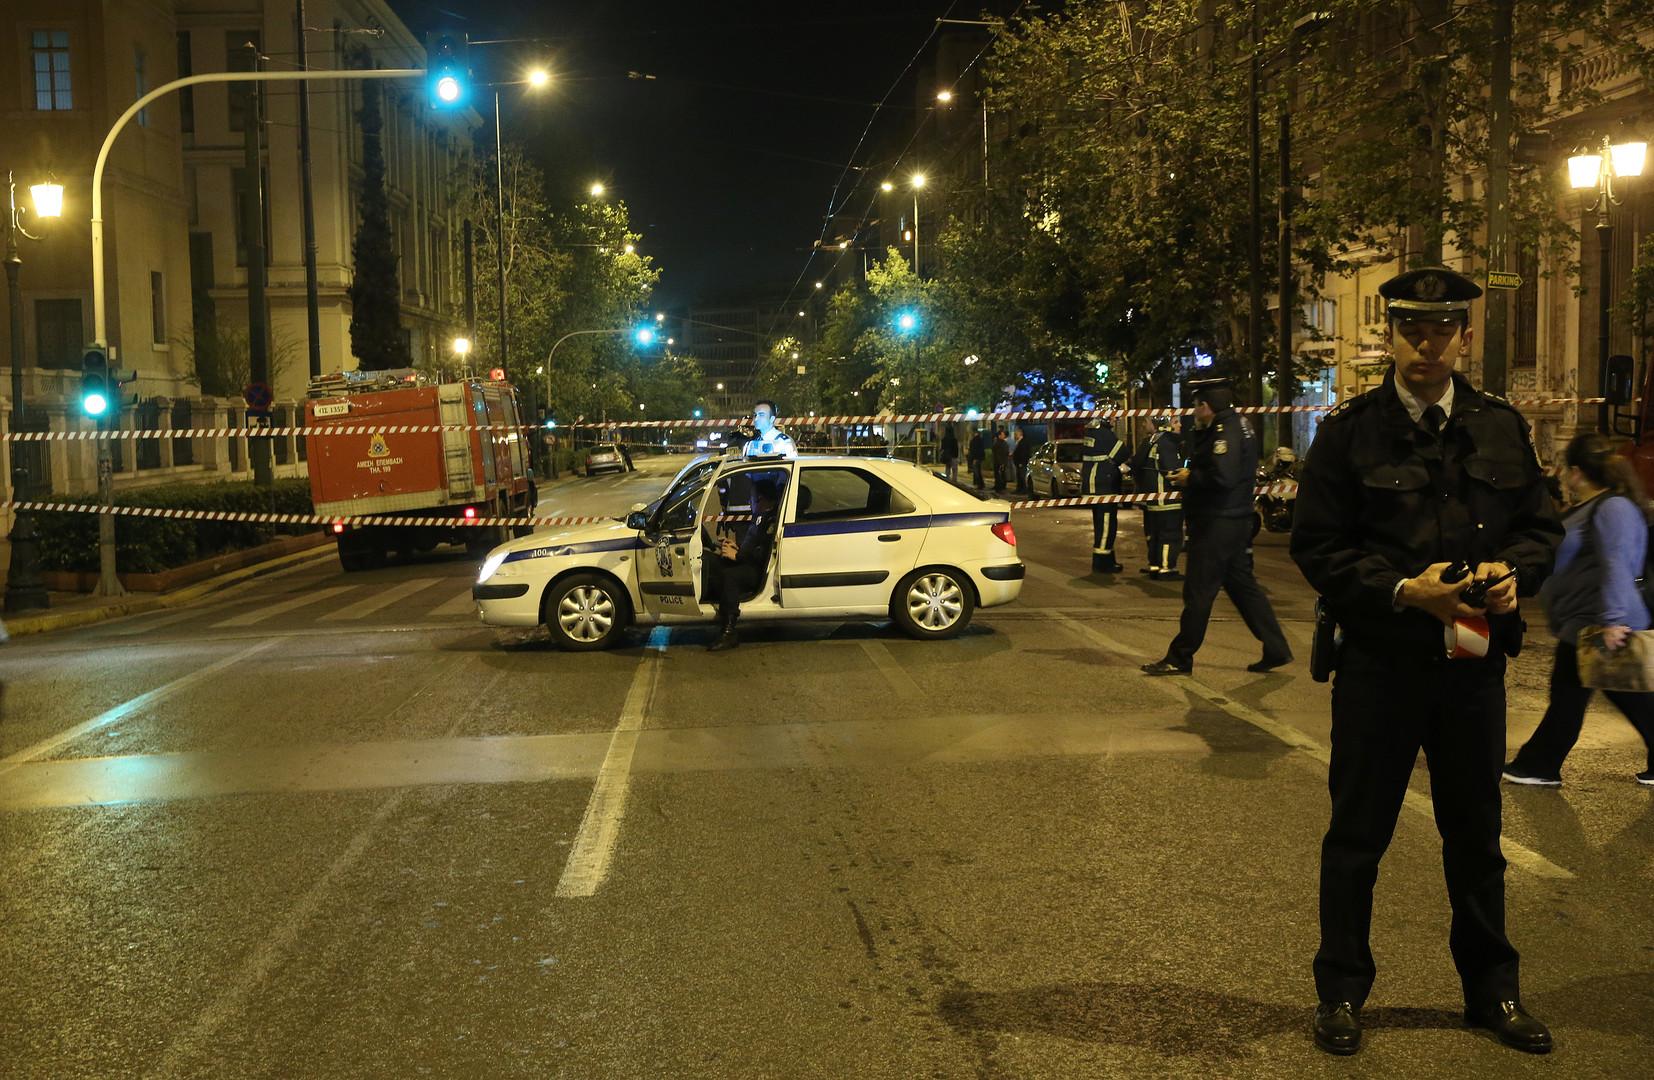 Анархисты устроили беспорядки в центре Афин